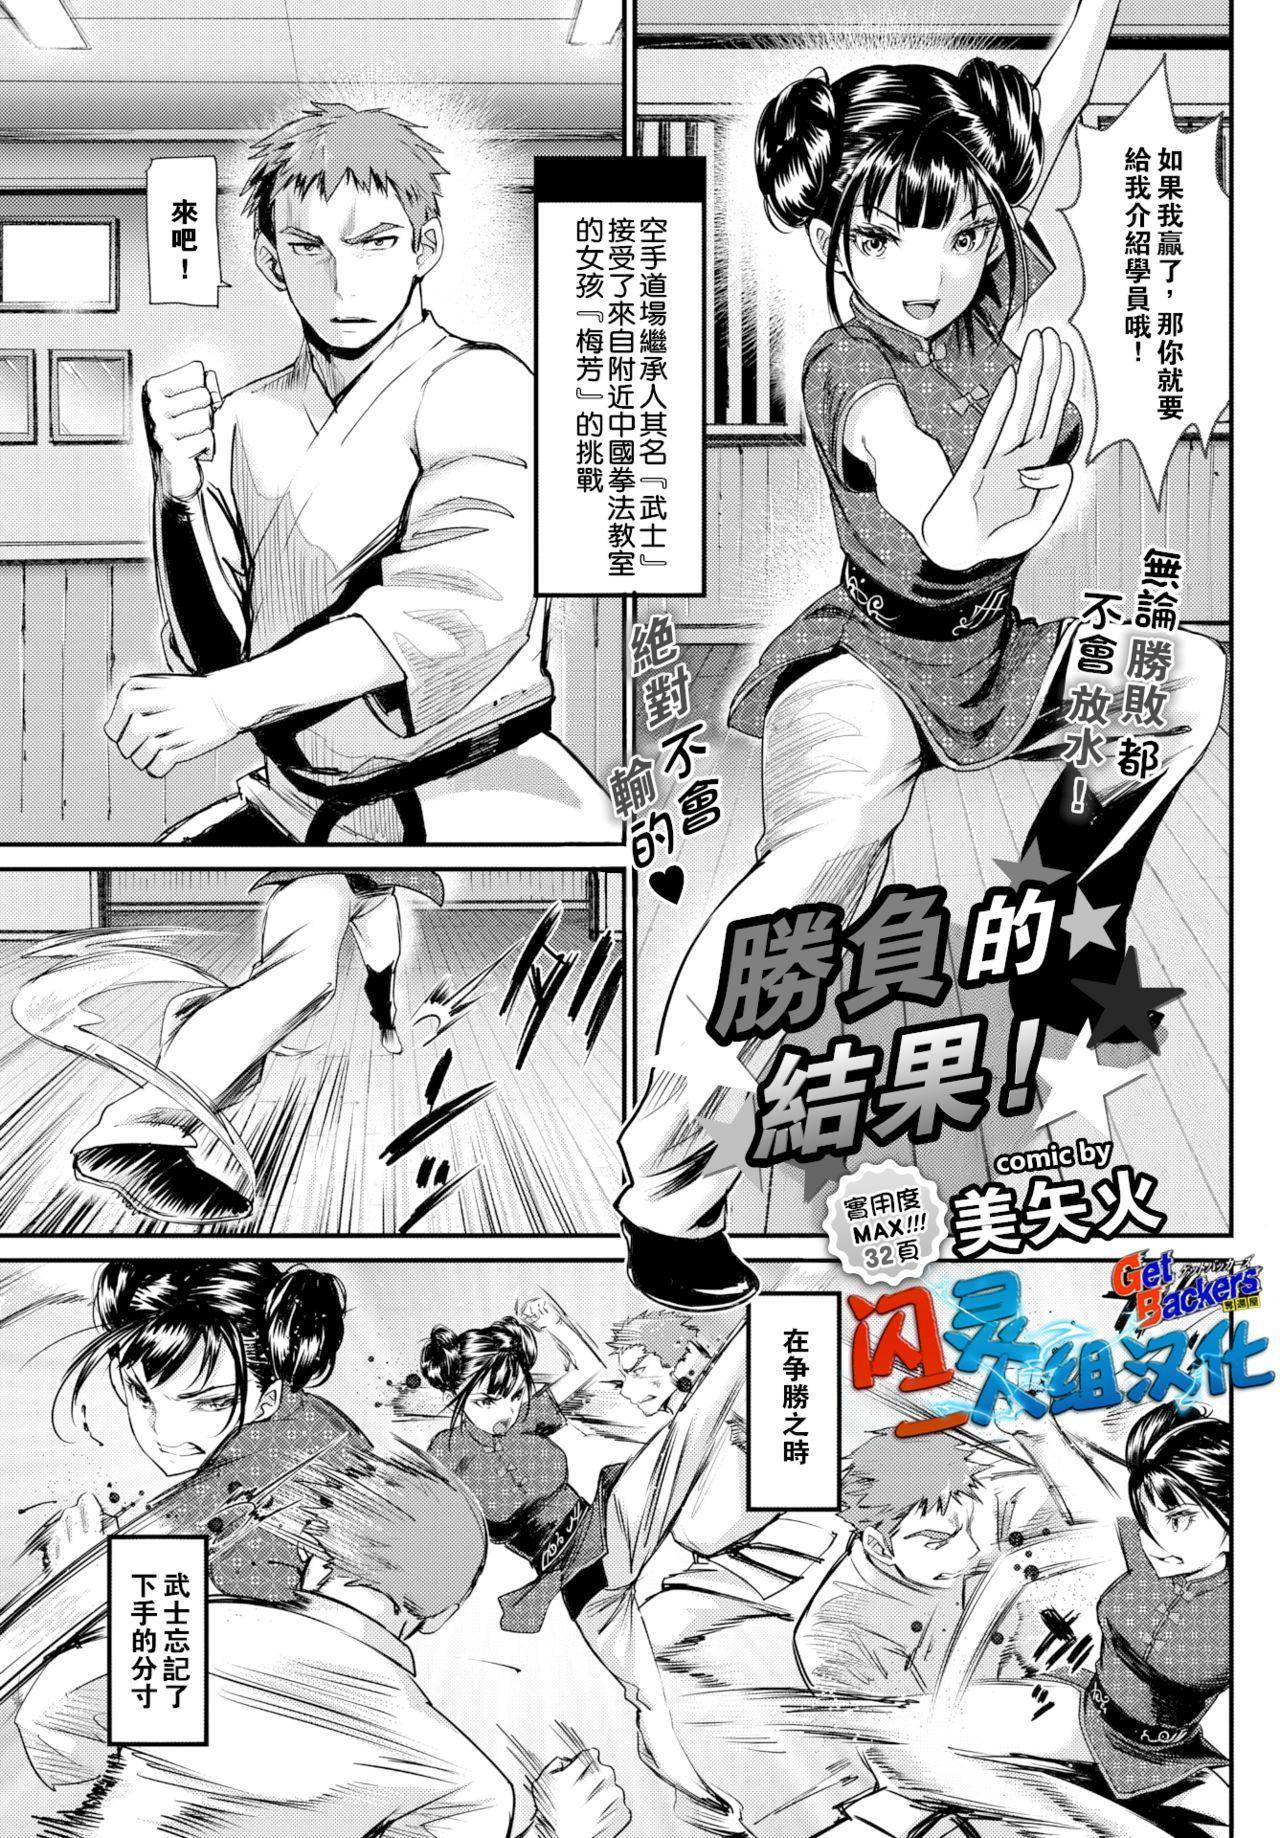 Shoubu no Yukue! 0